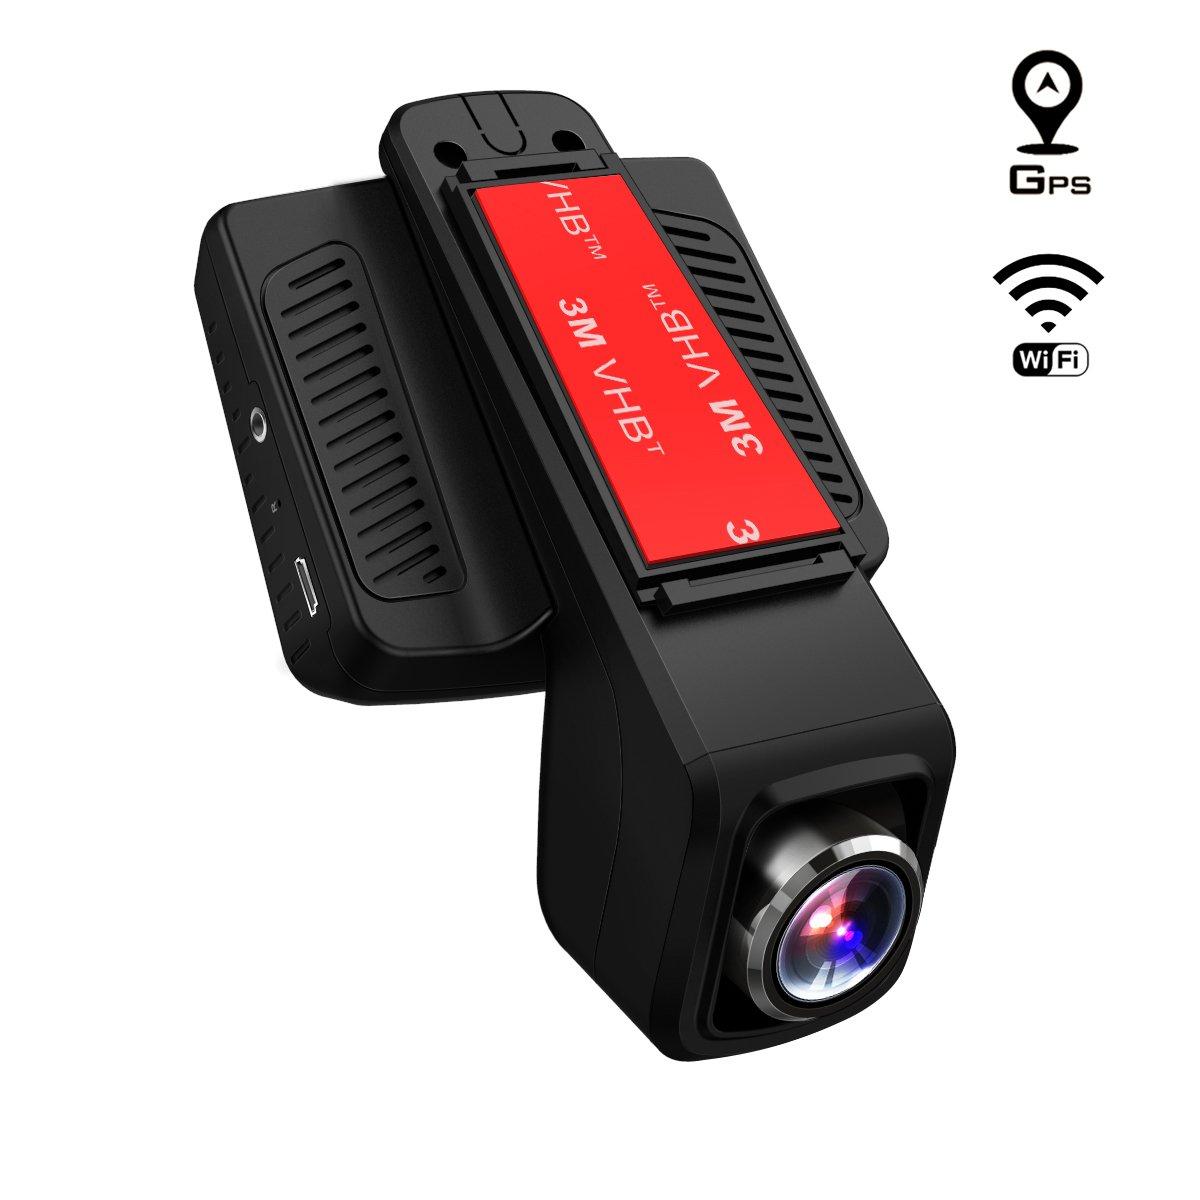 TOGUARD Cámara de Coche GPS WiFi Grande Ángulo de 170° Dash CAM Full HD 1080P, Dashcam Coche con Objetivo Ajustable Pantalla 2.45 Pulgadas IPS LCD, Grabación en Bucle,Detección de Movimiento, Monitor: Amazon.es: